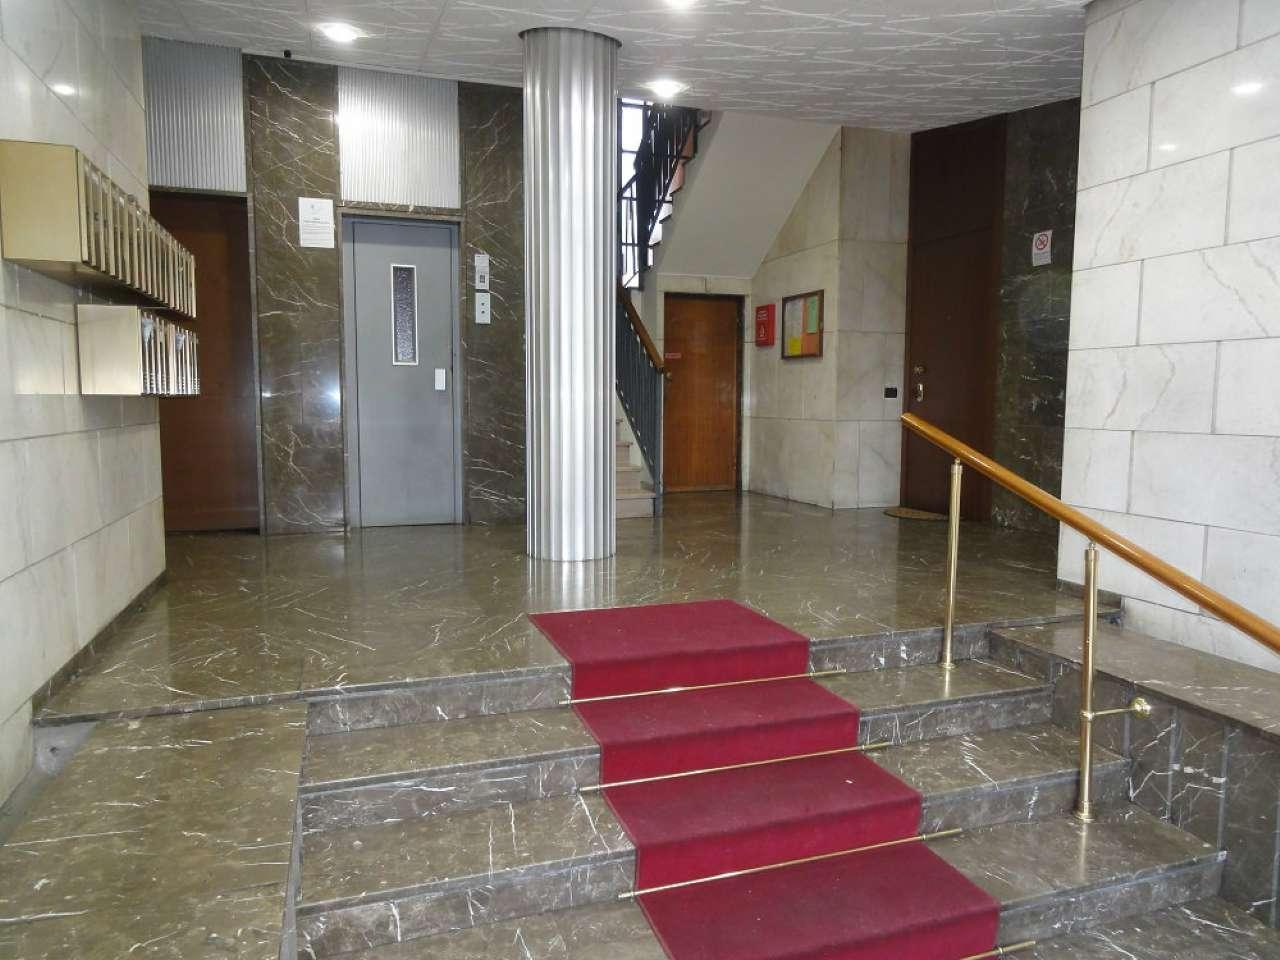 Appartamento in affitto a Sesto San Giovanni, 2 locali, prezzo € 500 | CambioCasa.it